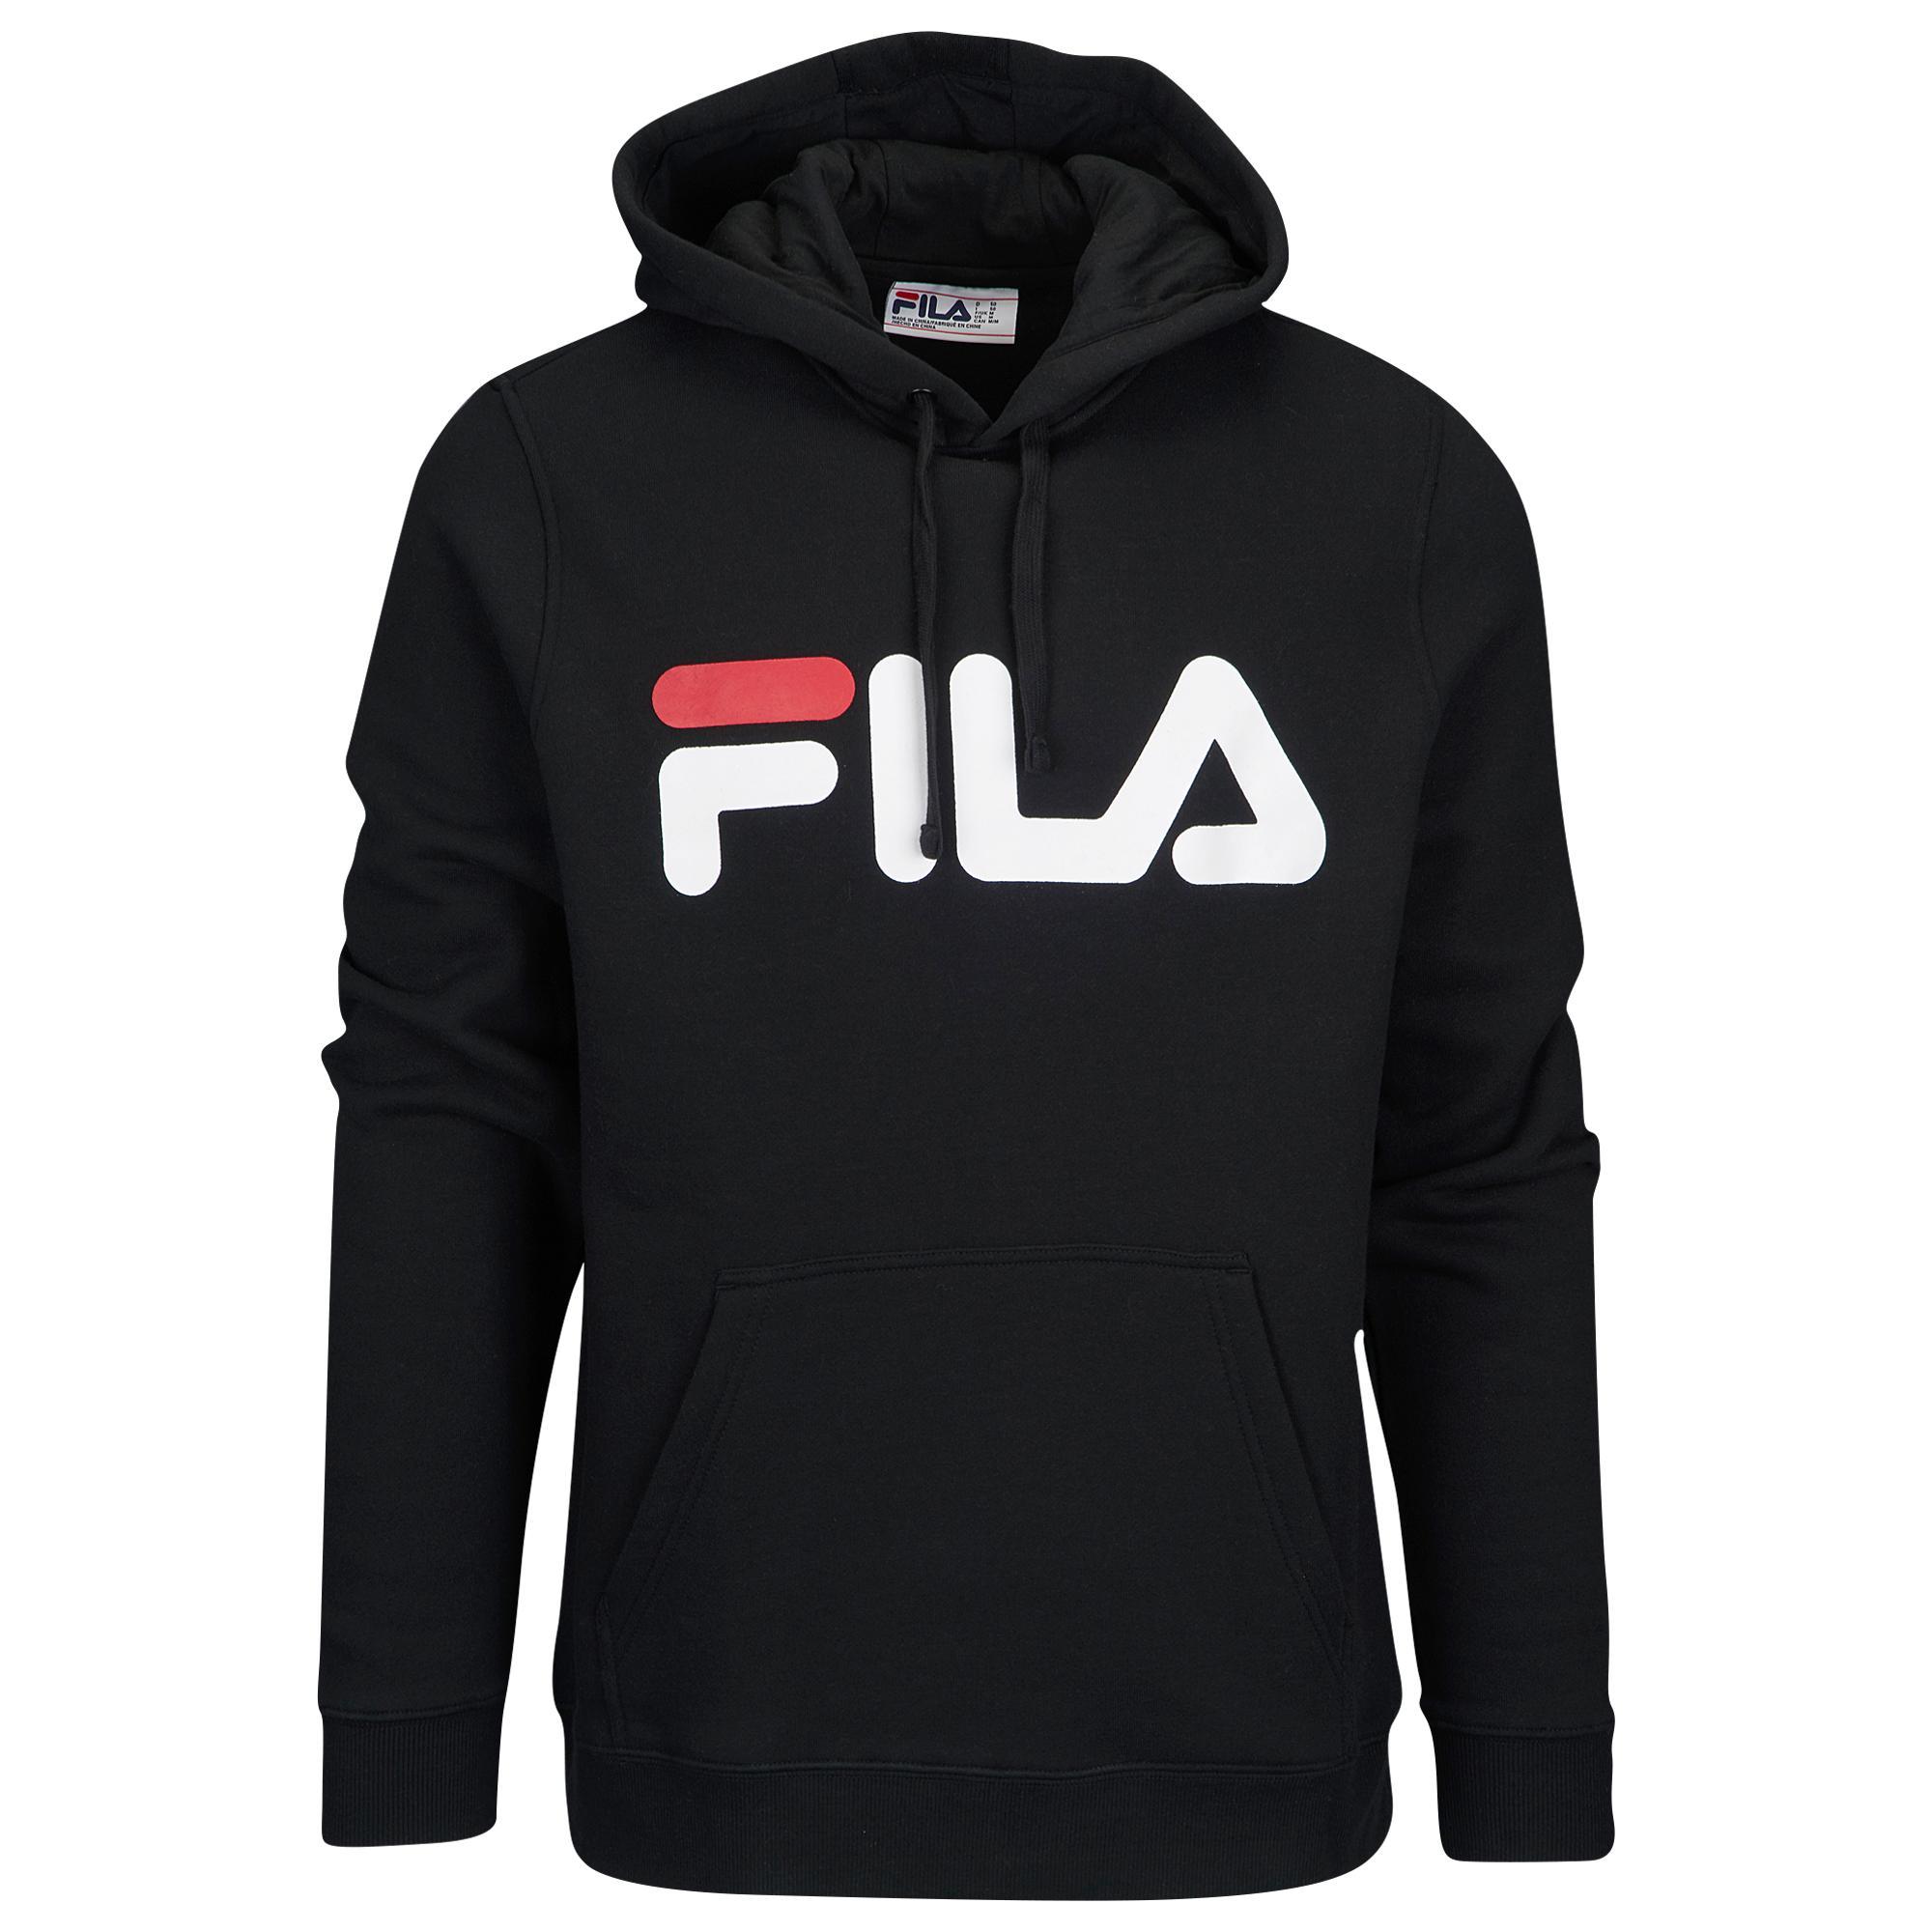 d3fa623c75 Fila Fiori Hoodie in Black for Men - Save 55% - Lyst